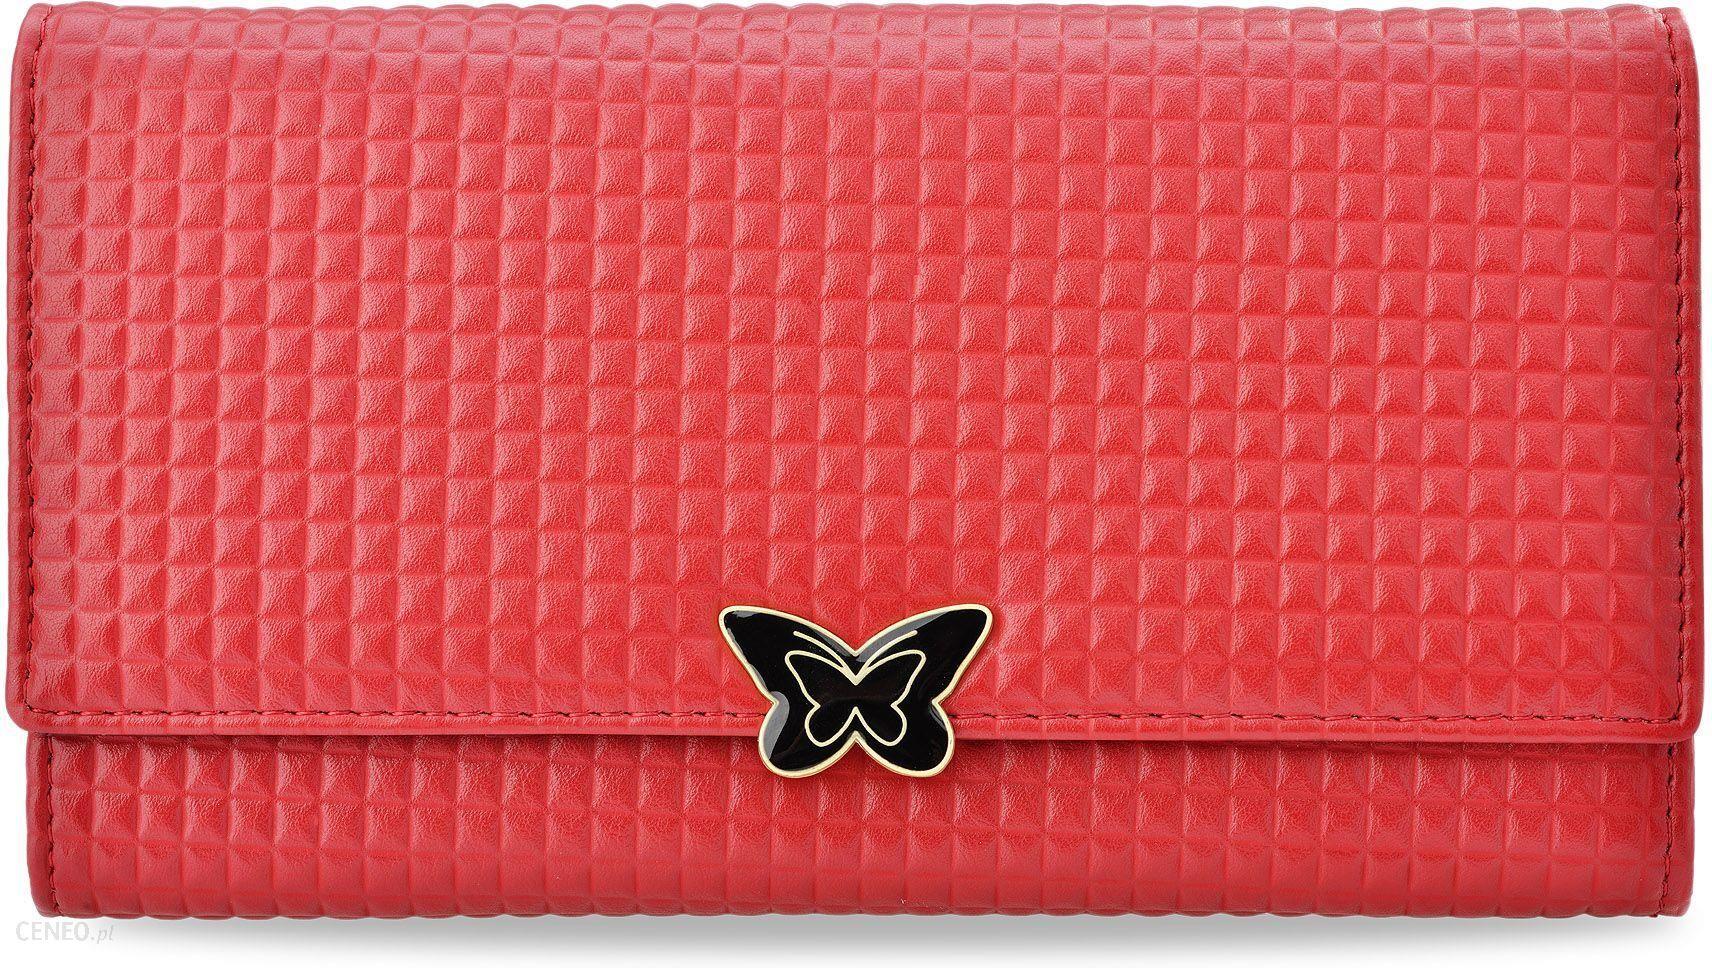 498ebcb85 Pojemny portfel damski cavaldi geometryczne tłoczenie motylek - czerwony -  zdjęcie 1